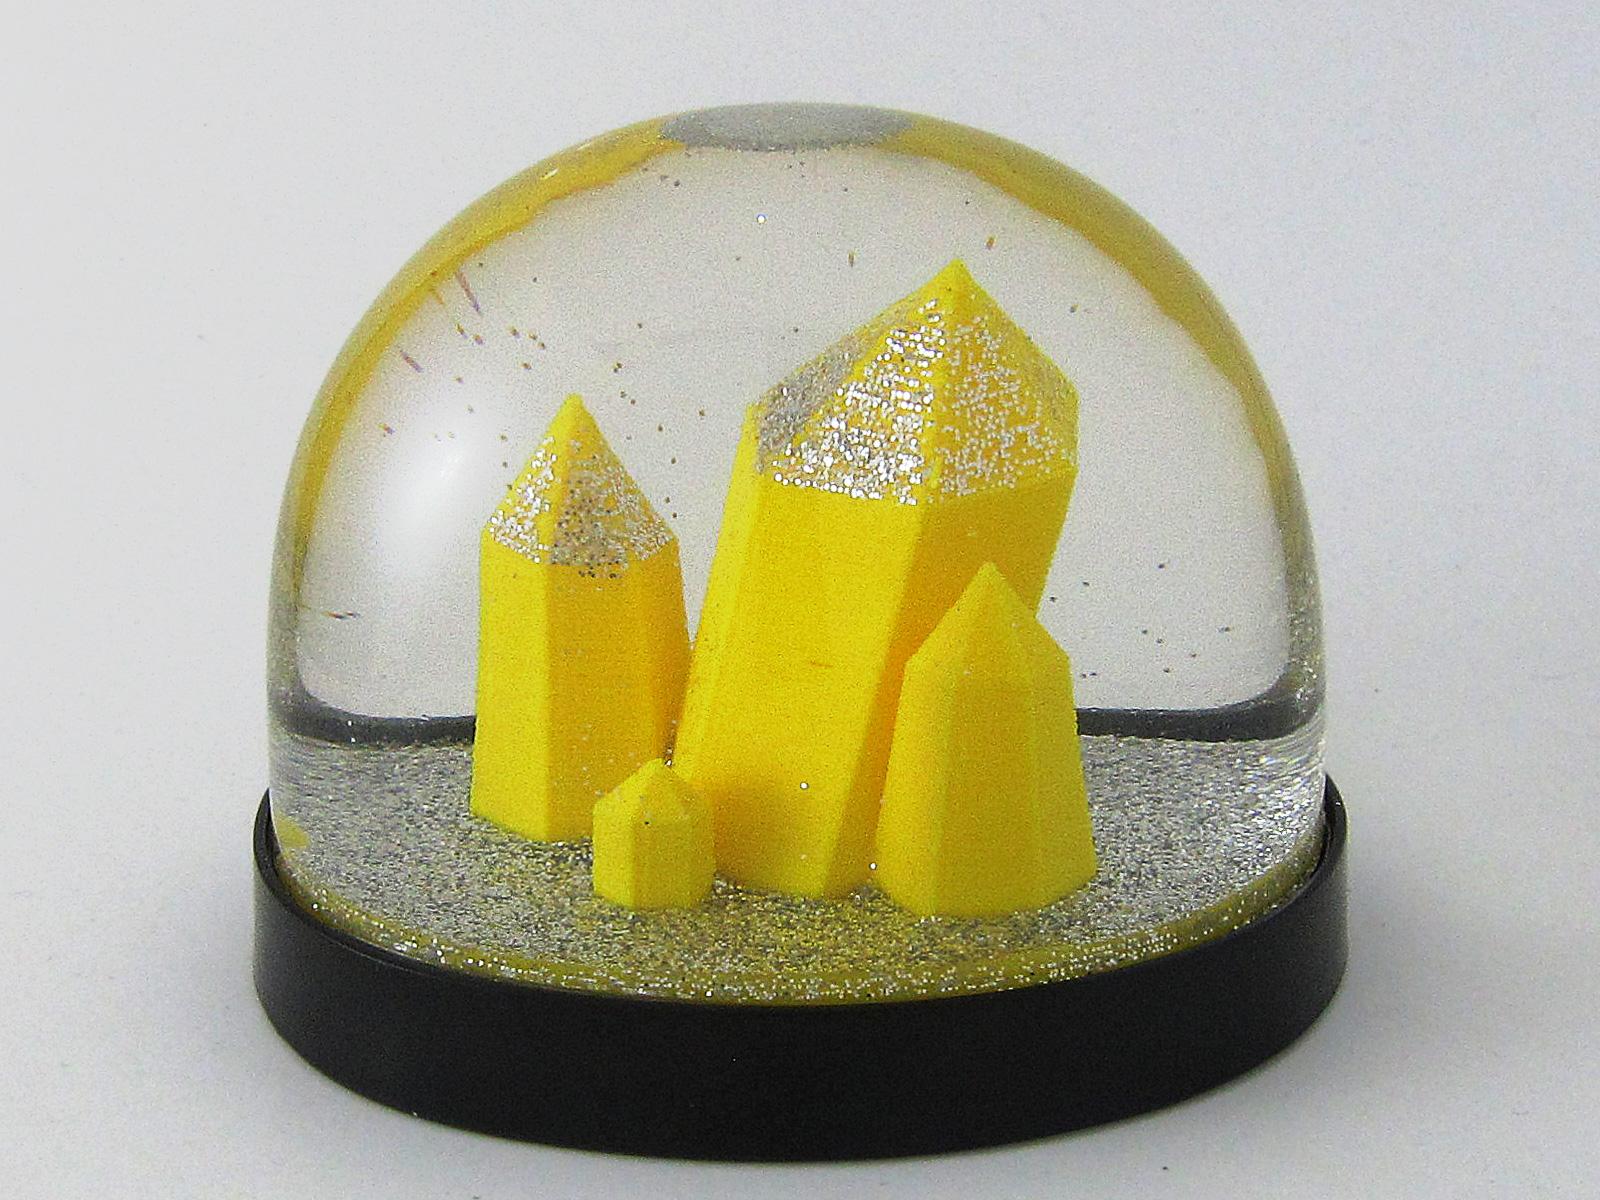 Kristall als Schneekugel, Snowdome- 3D-Druck